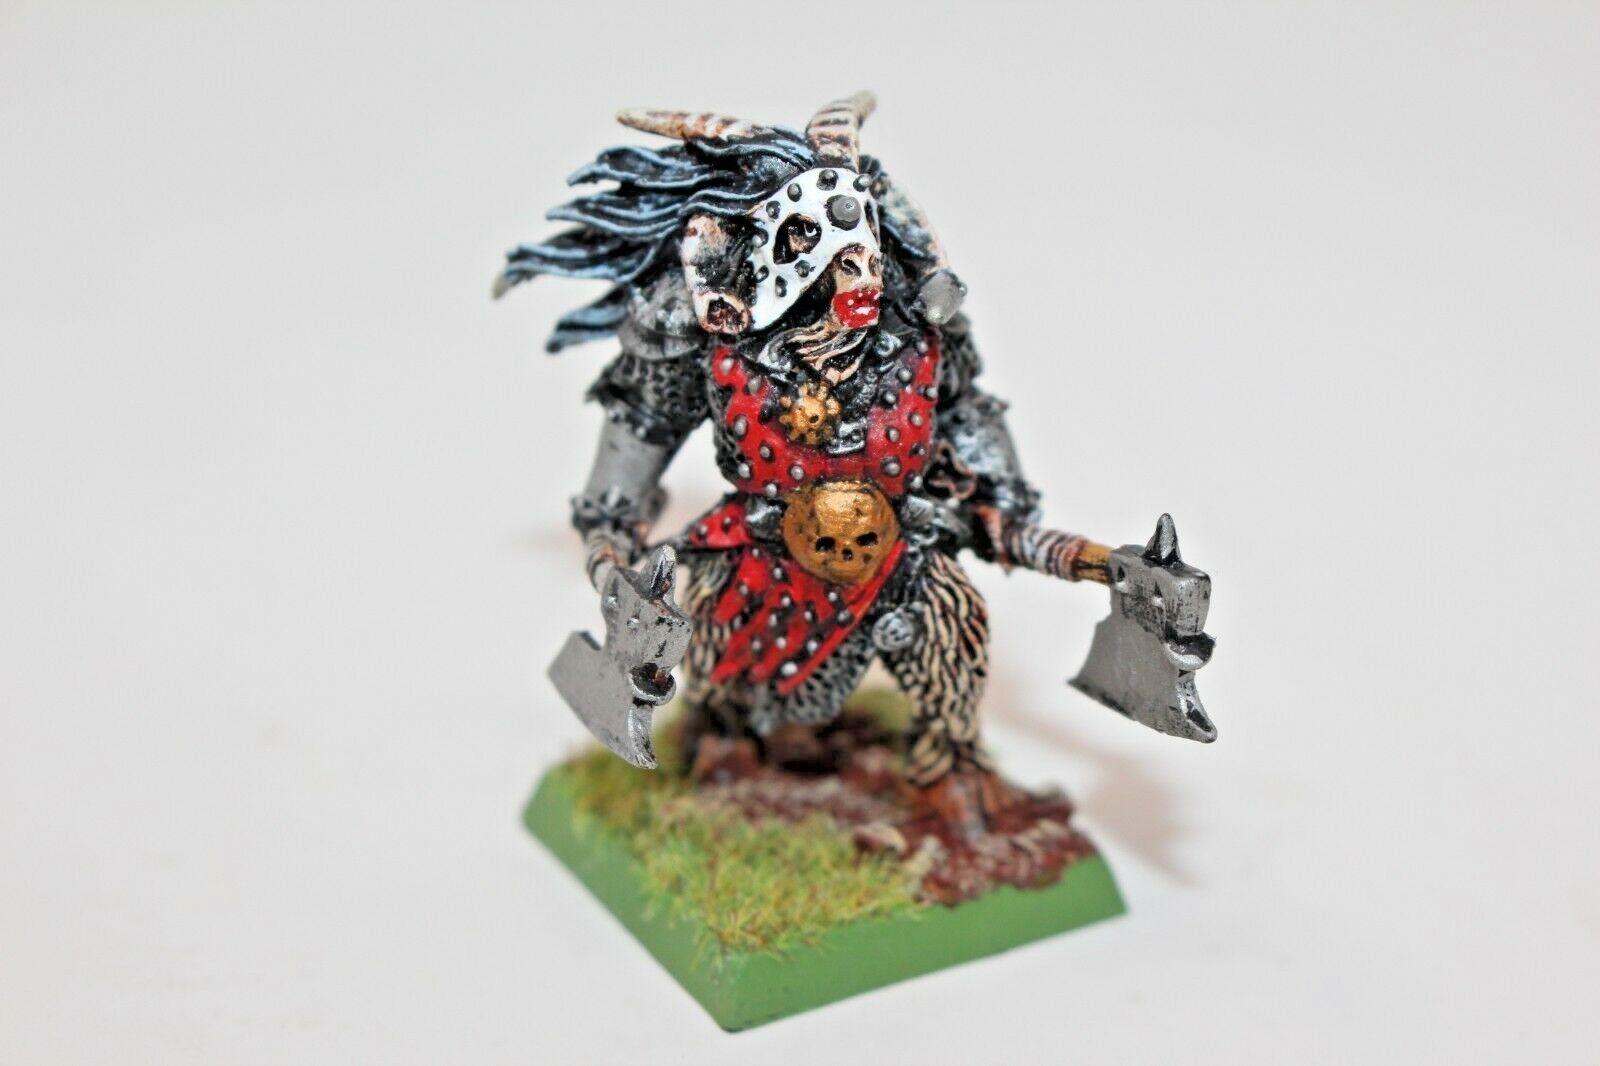 Warhammer beastmen beastlord mit gepaart mann ripper achsen metall gut gemalt